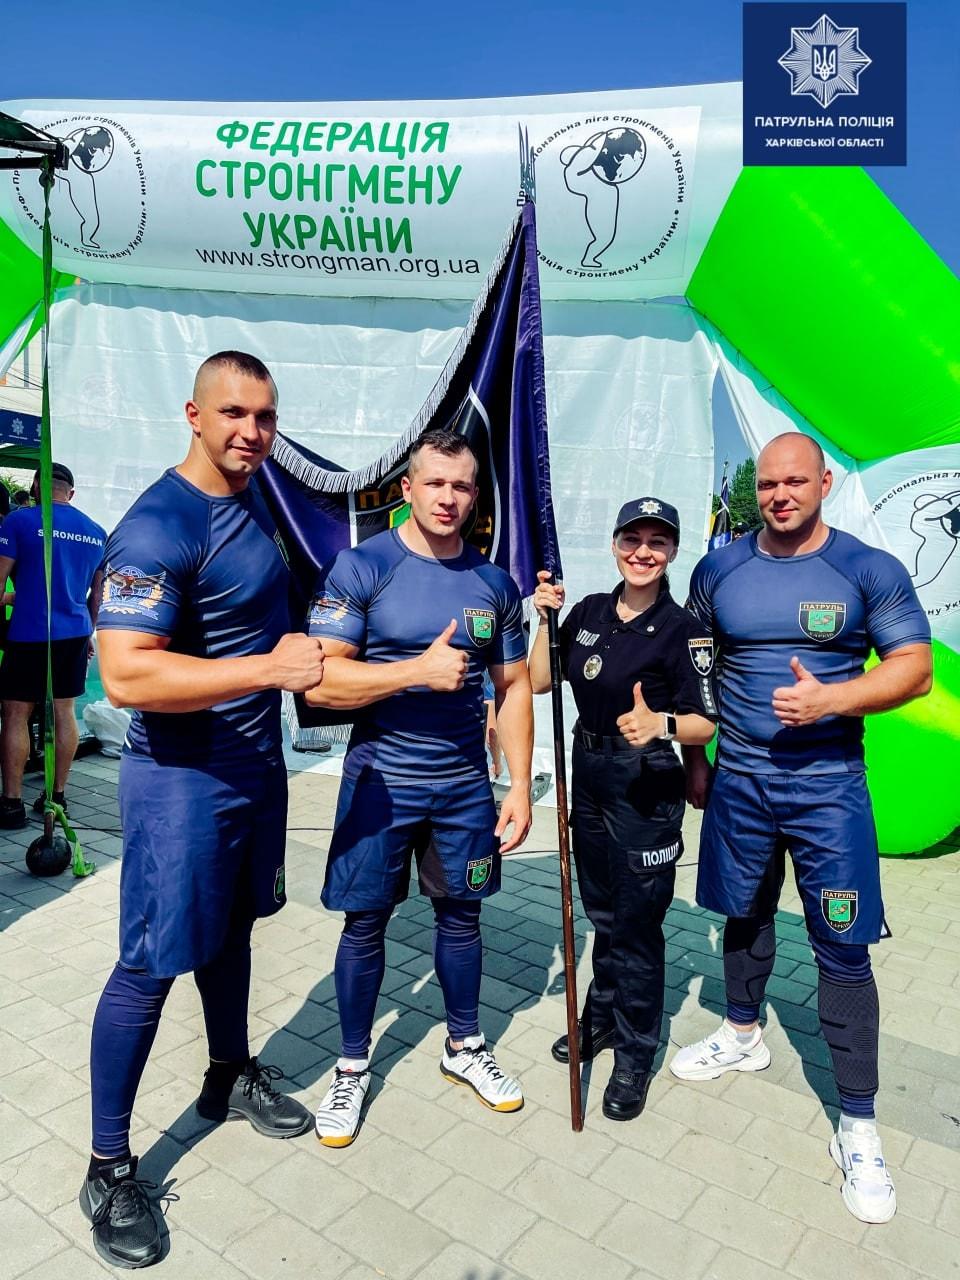 Харьковские патрульные участвуют в соревнованиях силачей (фото)